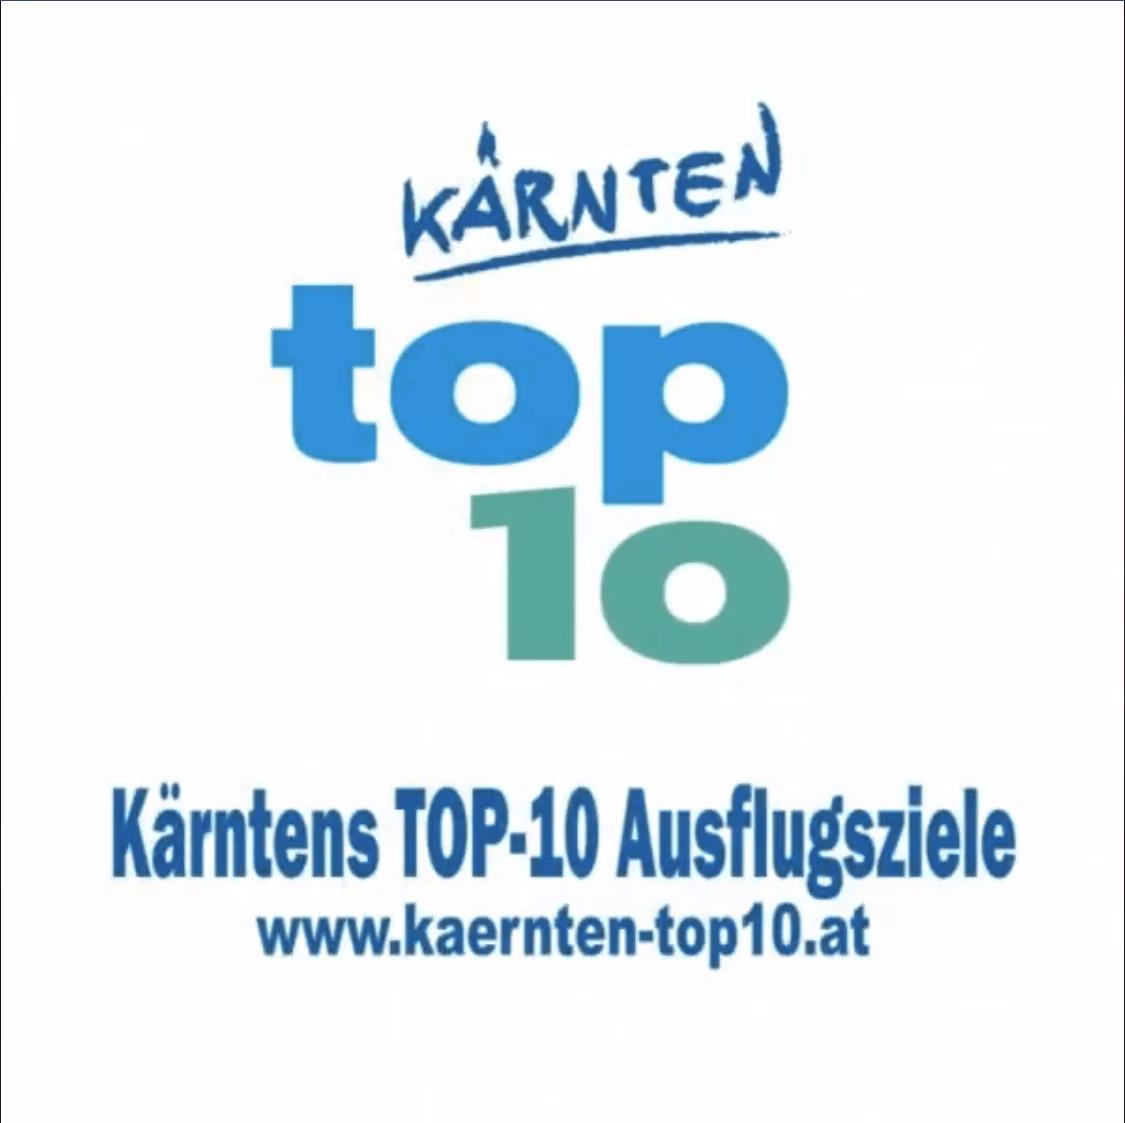 Die Panoramastraße Malta Hochalmstraße zählt zu Kärntens TOP-10 Ausflugszielen - Bild mit Logo und Webadresse